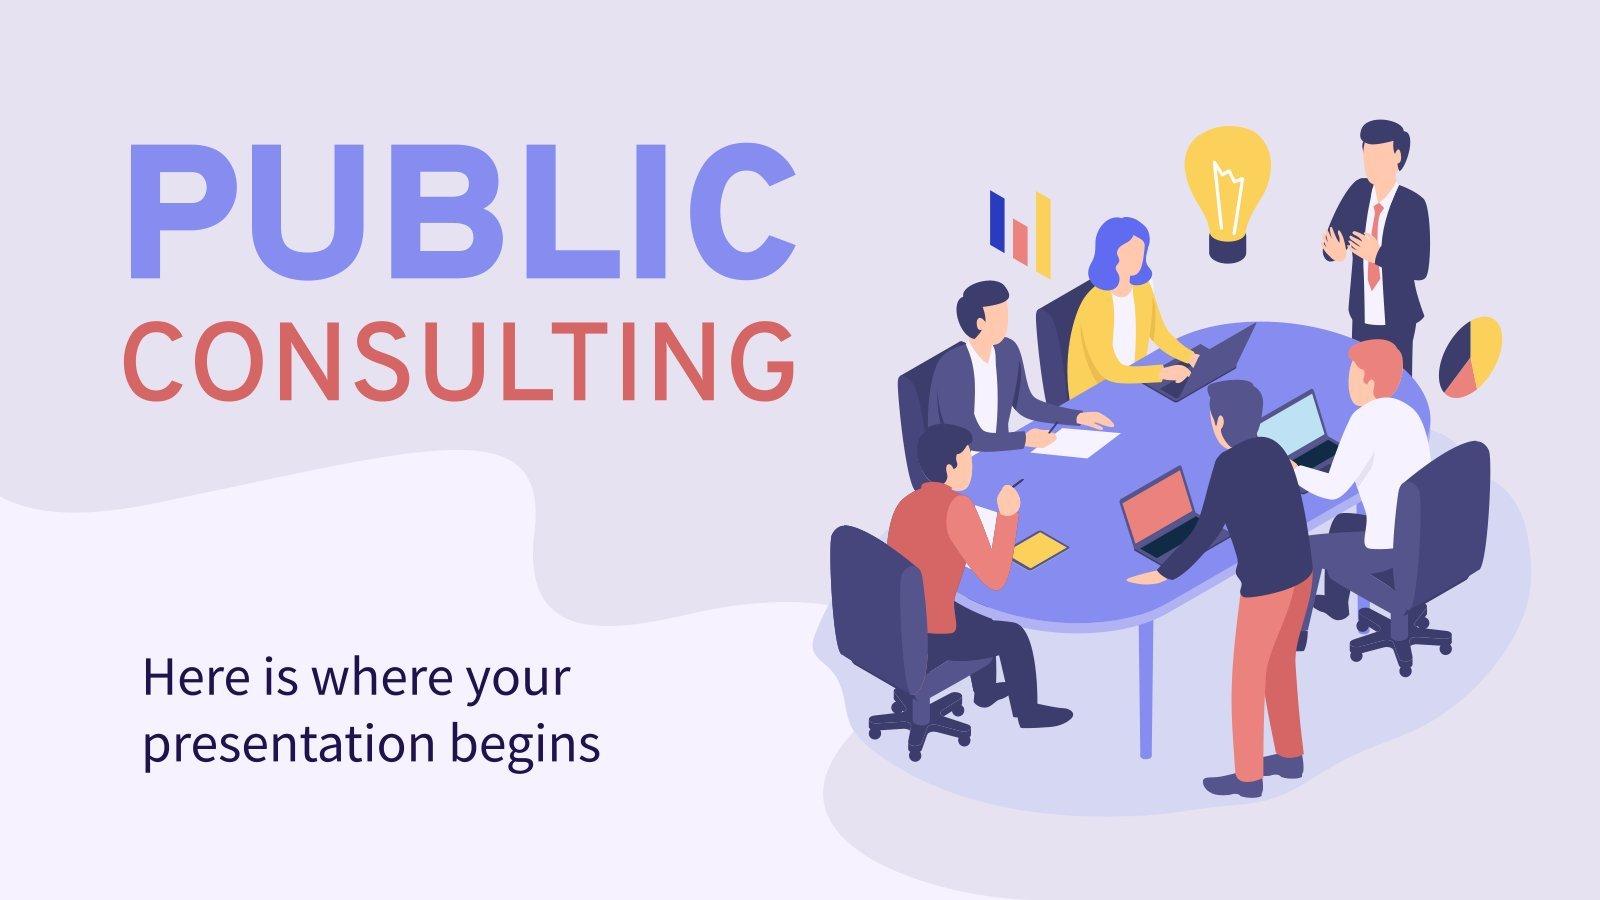 Modelo de apresentação Consultoria pública